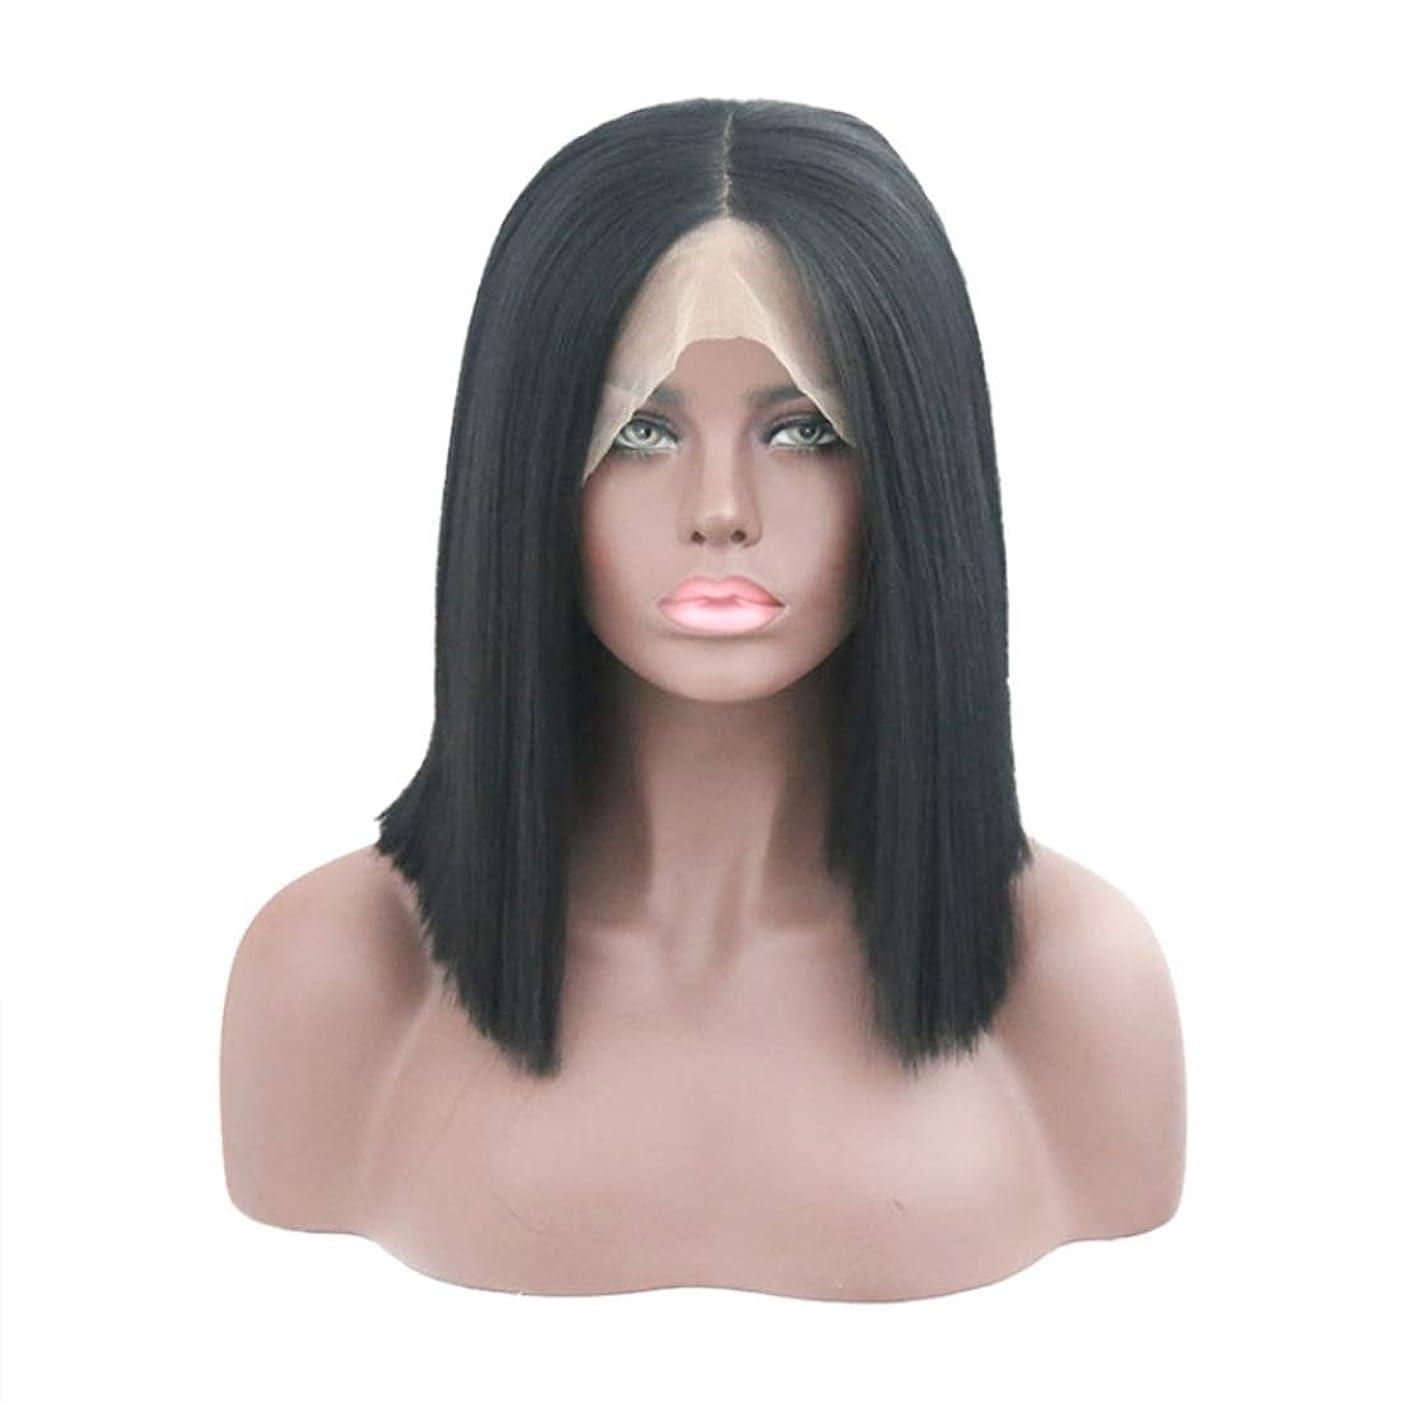 免疫無効にする実行Summerys ボブヘアかつら本物の髪として自然な女性のためのストレート合成ブラックウィッグ